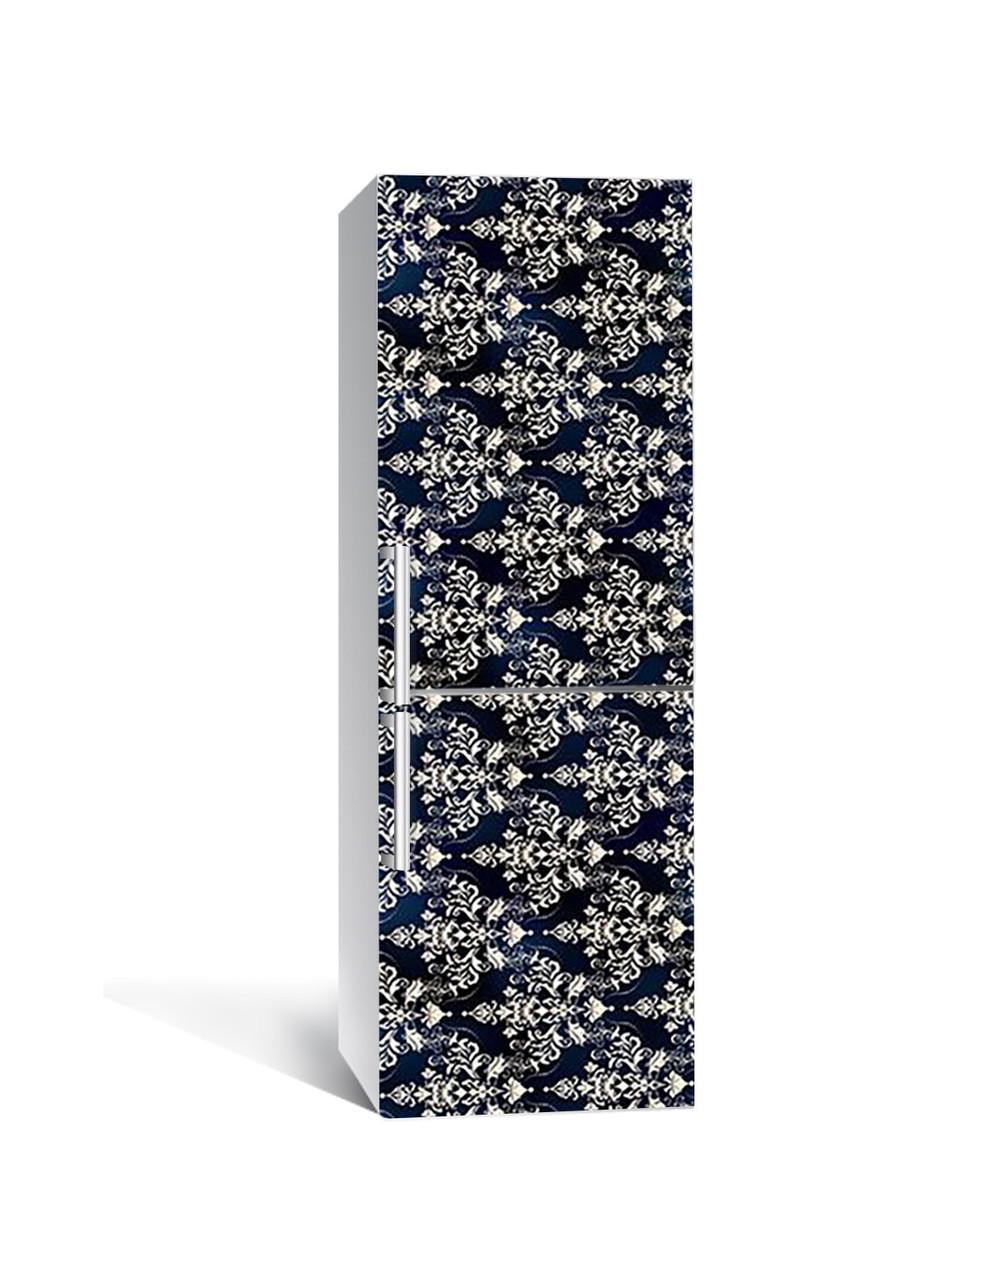 Виниловая наклейка на холодильник 3Д Королевские Узоры (пленка ПВХ фотопечать) 65*200см Абстракция Черный